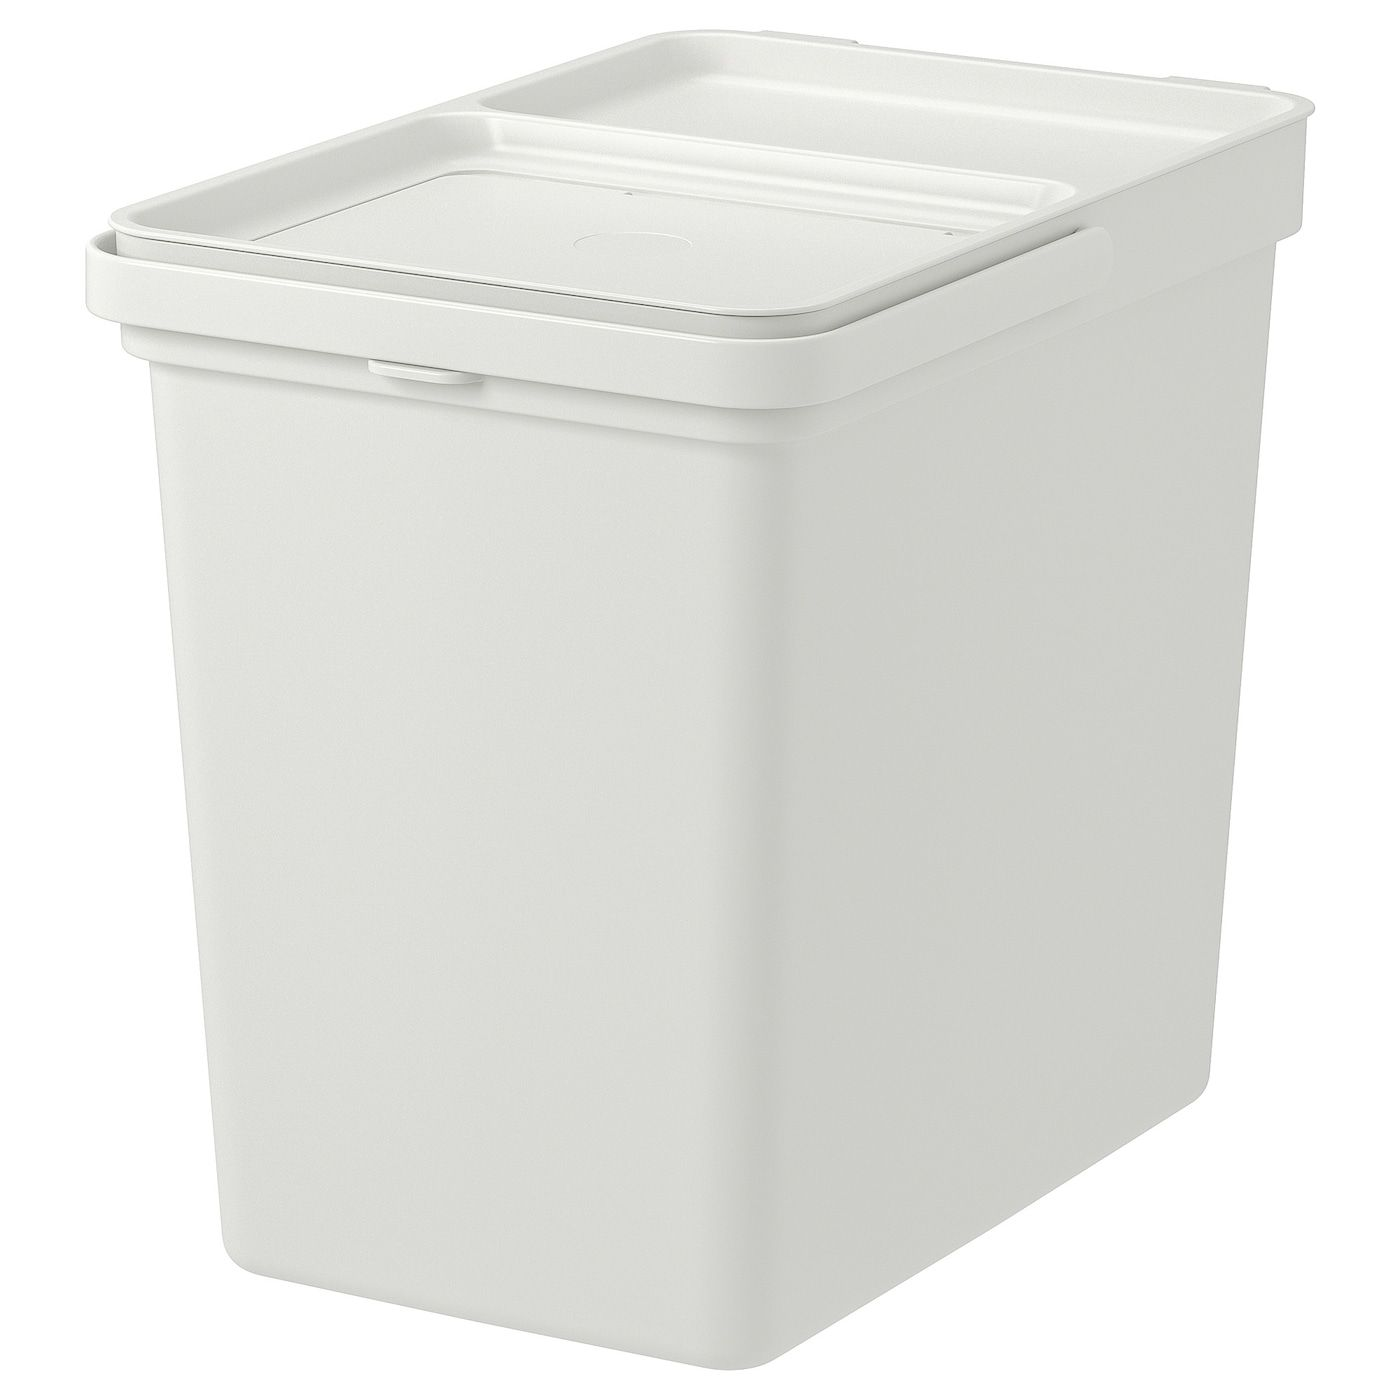 Hallbar Behalter Mit Deckel Hellgrau Mehr Erfahren Ikea Osterreich In 2020 Recycling Bins Ikea Pantry Storage Containers